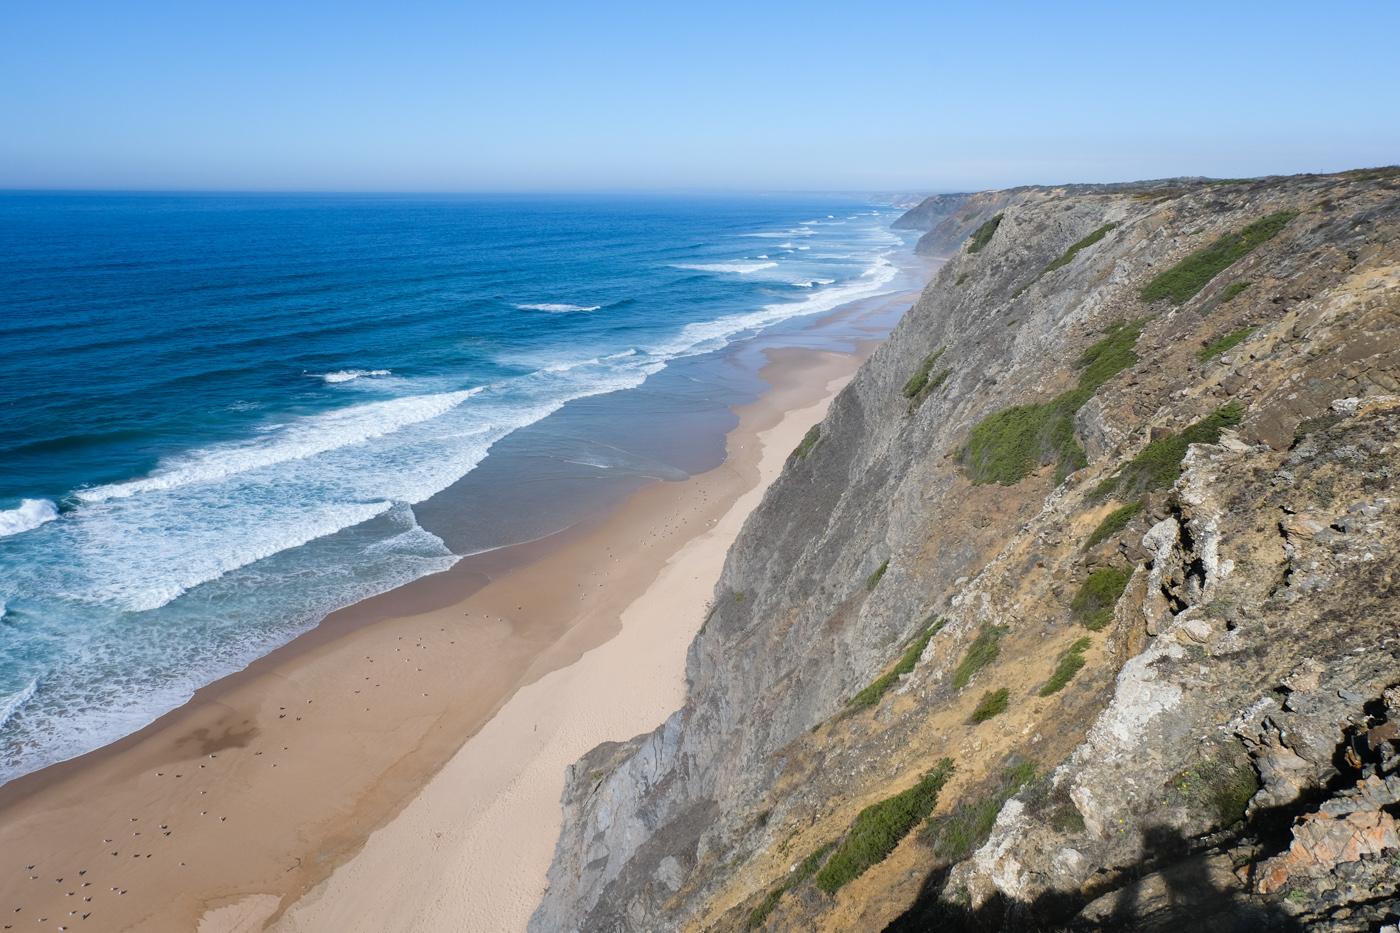 Rota Vicentina cammino a piedi Portogallo sentiero dei pescatori onde